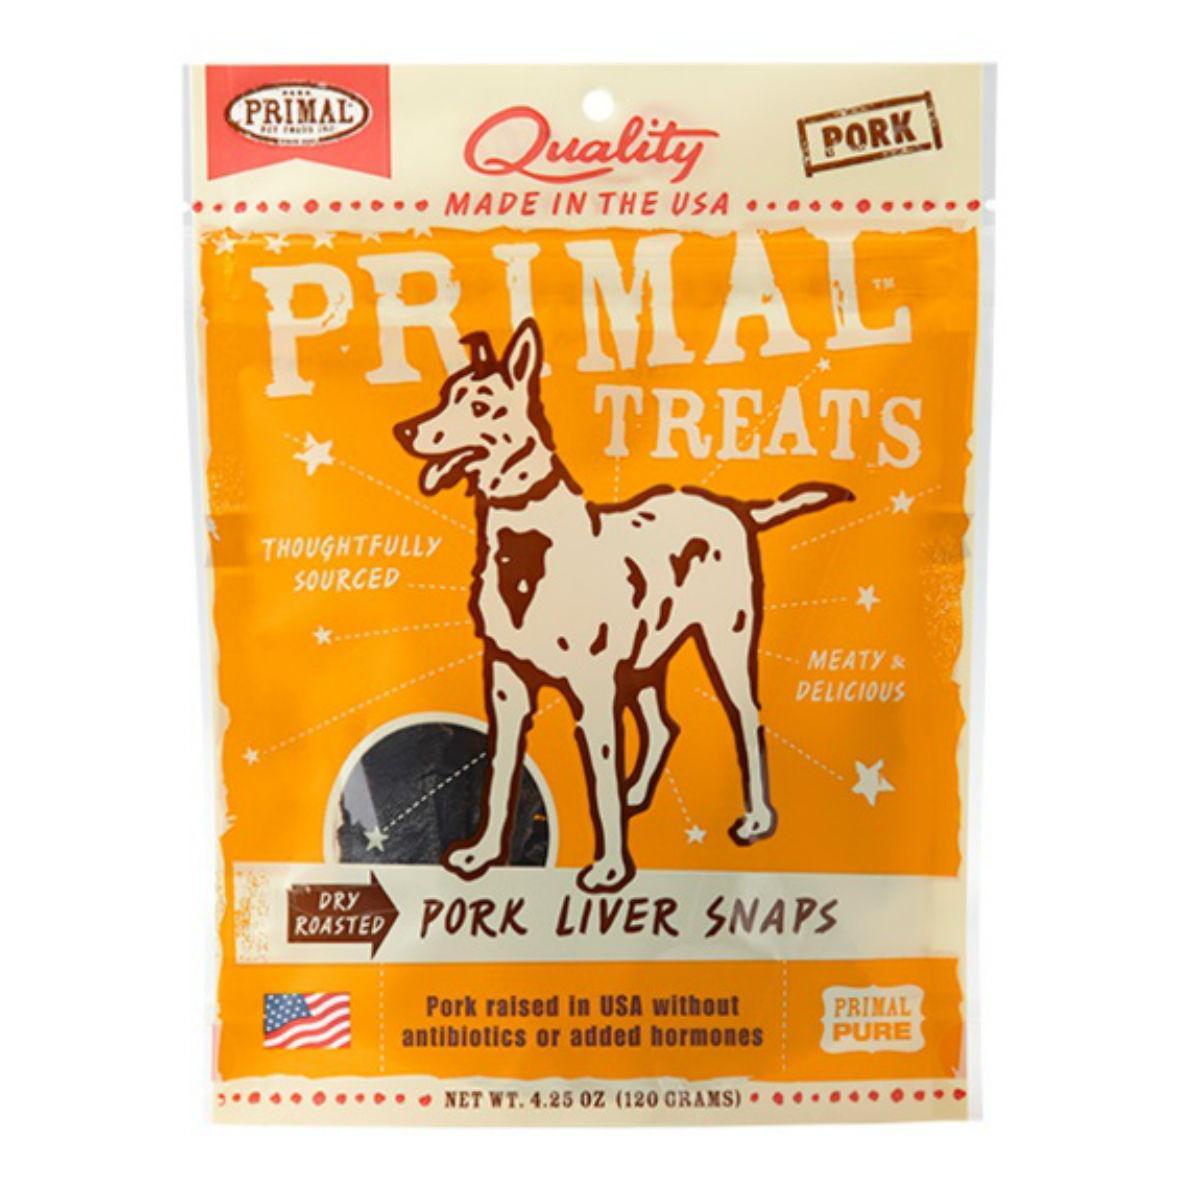 Primal Dry Roasted Dog Treat - Pork Liver Snaps